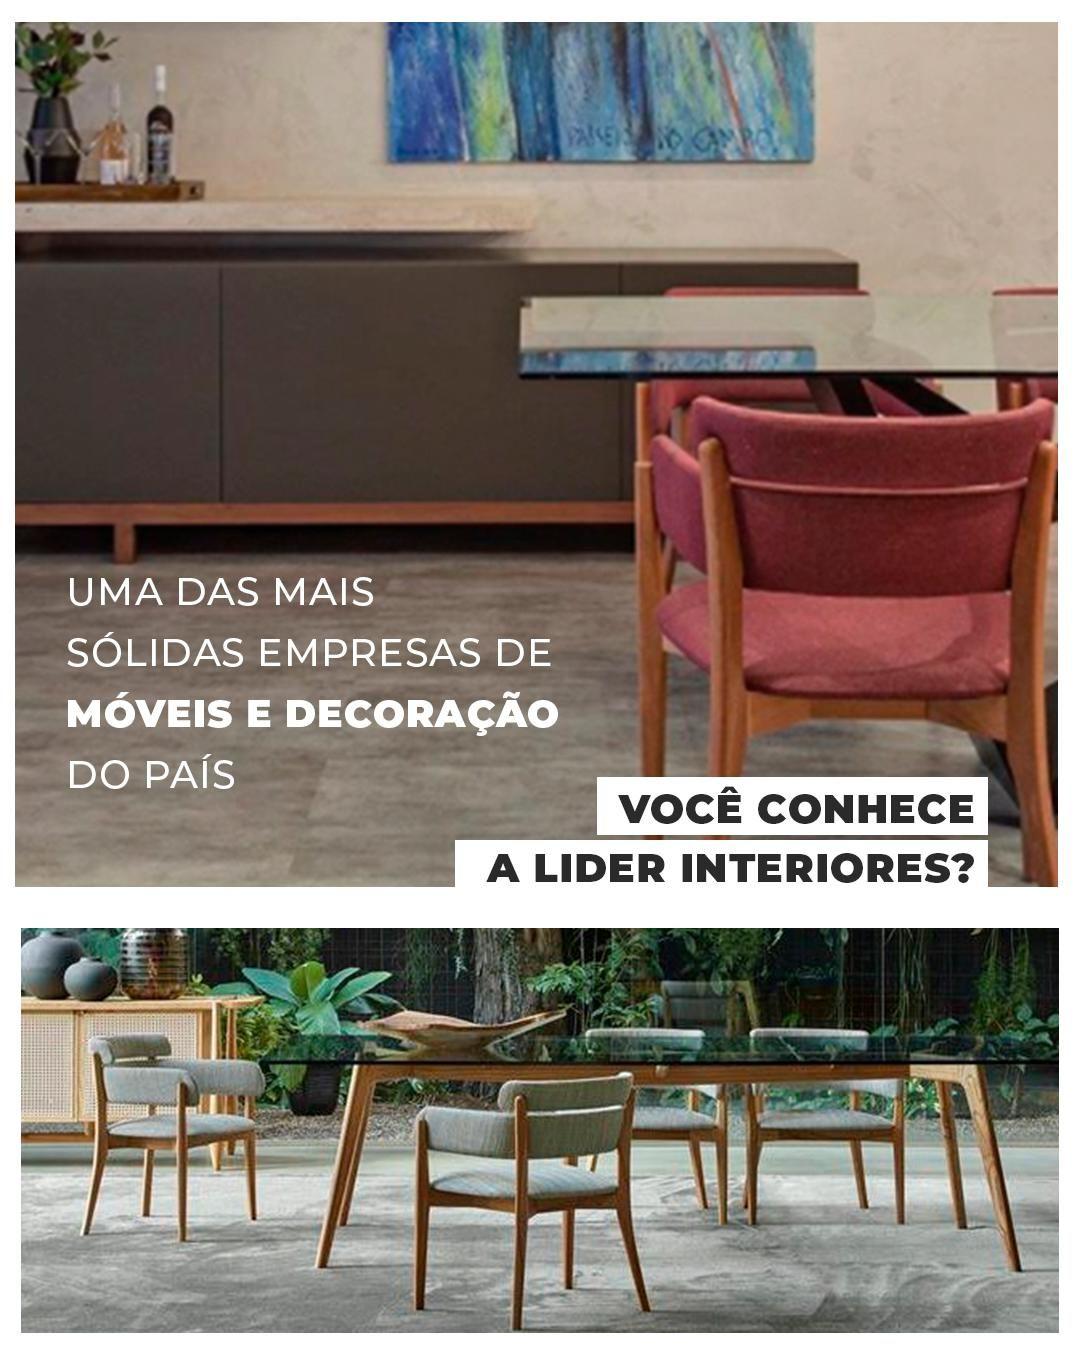 Você conhece a Lider Interiores? Entre em contato para conhecer o showroom com curadoria exclusiva Occa Moderna: ✉ loja@occamoderna.com.br 📱 (51) 98594-4458 #OccaModerna #Decoração #DecoracaoCriativa #Arquitetura #PortoAlegre #HomeDesign #Decor #Ambientes #DecoracaoDeInteriores #LiderInteriores #Curadoria #Lider #MoveisExclusivos